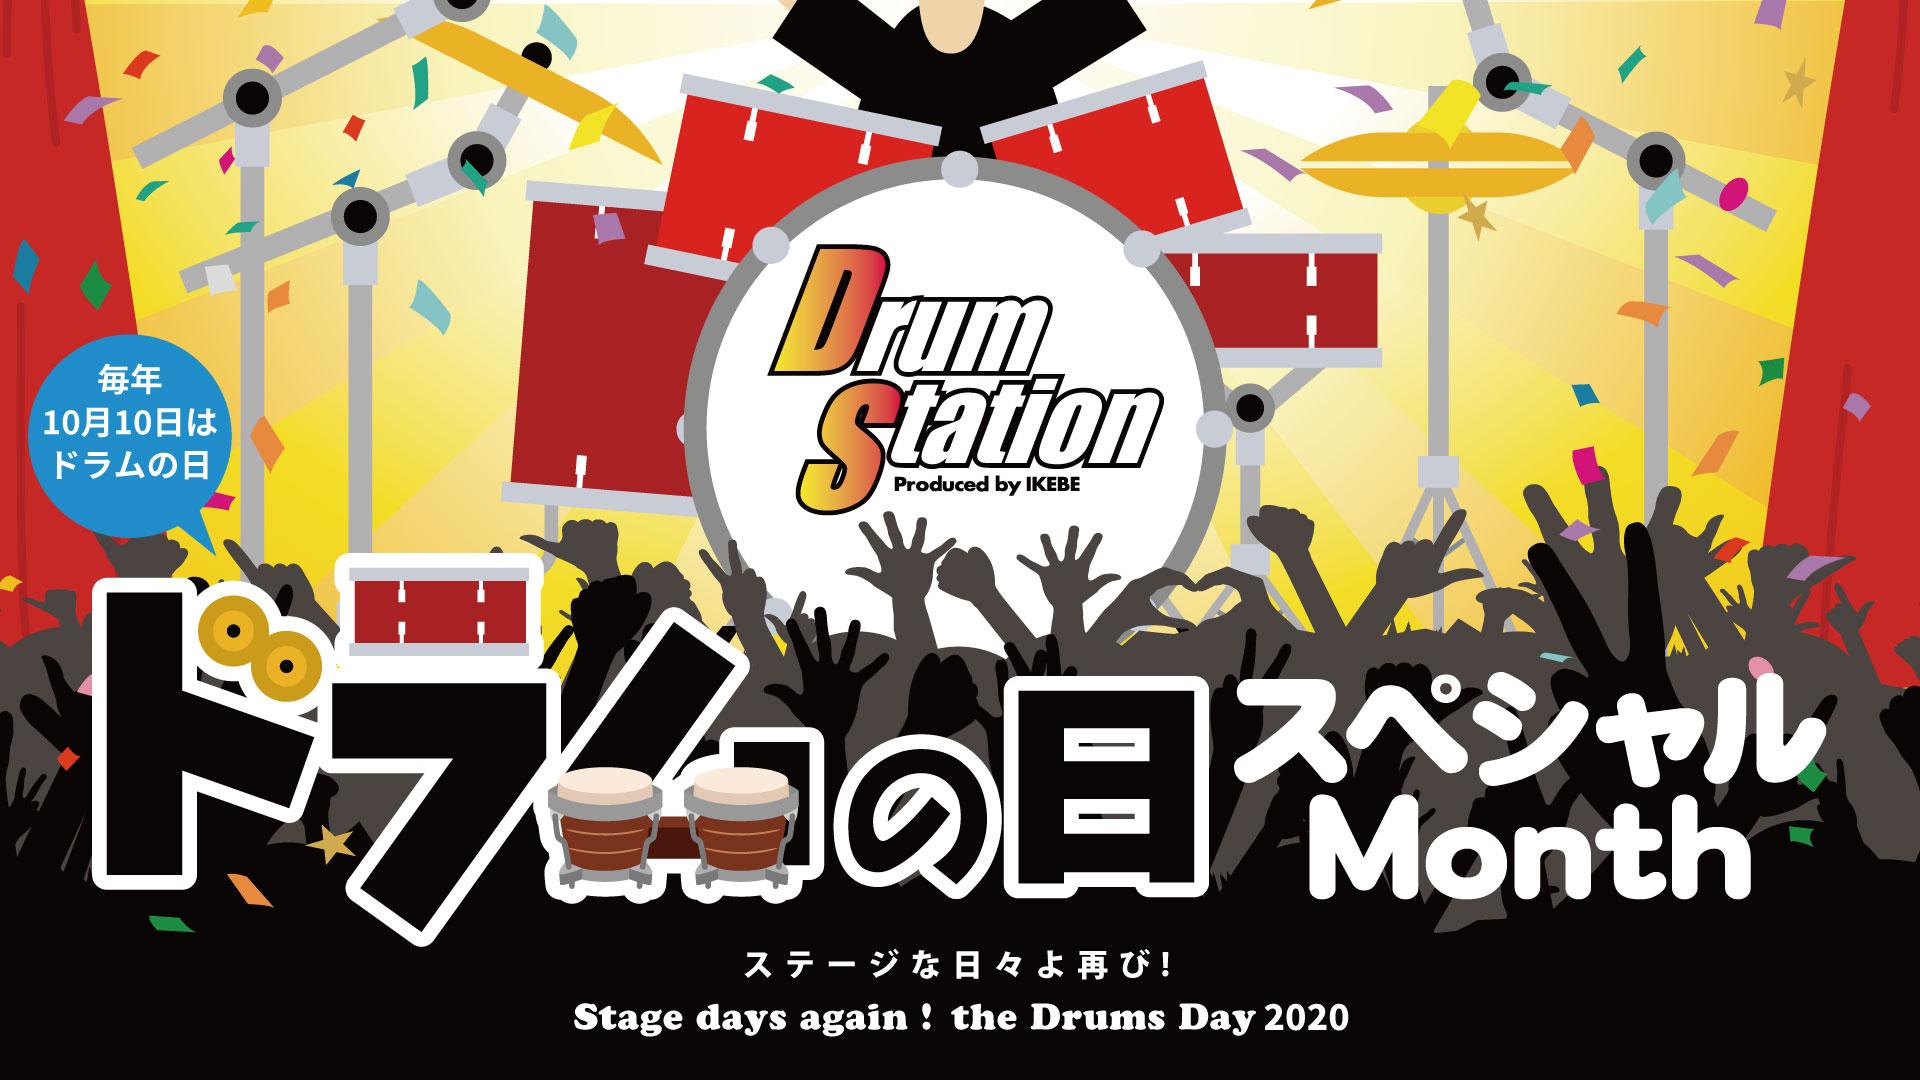 10月10日はドラムの日!ドラムの日スペシャルMonth開催!